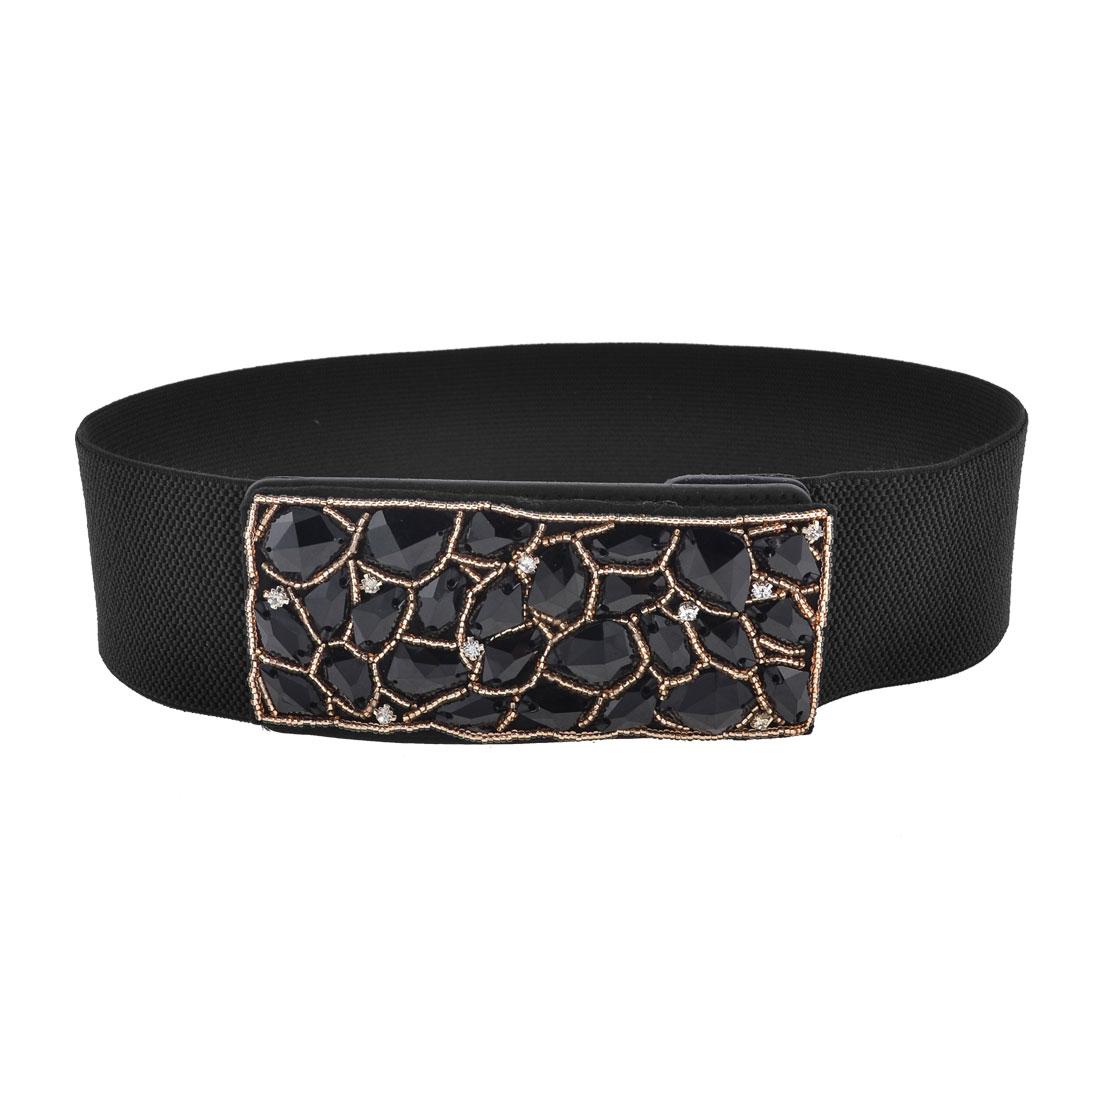 Lady Black Elastic Band Faux Rhinestone Decor Press Stud Buckle Waist Cinch Belt